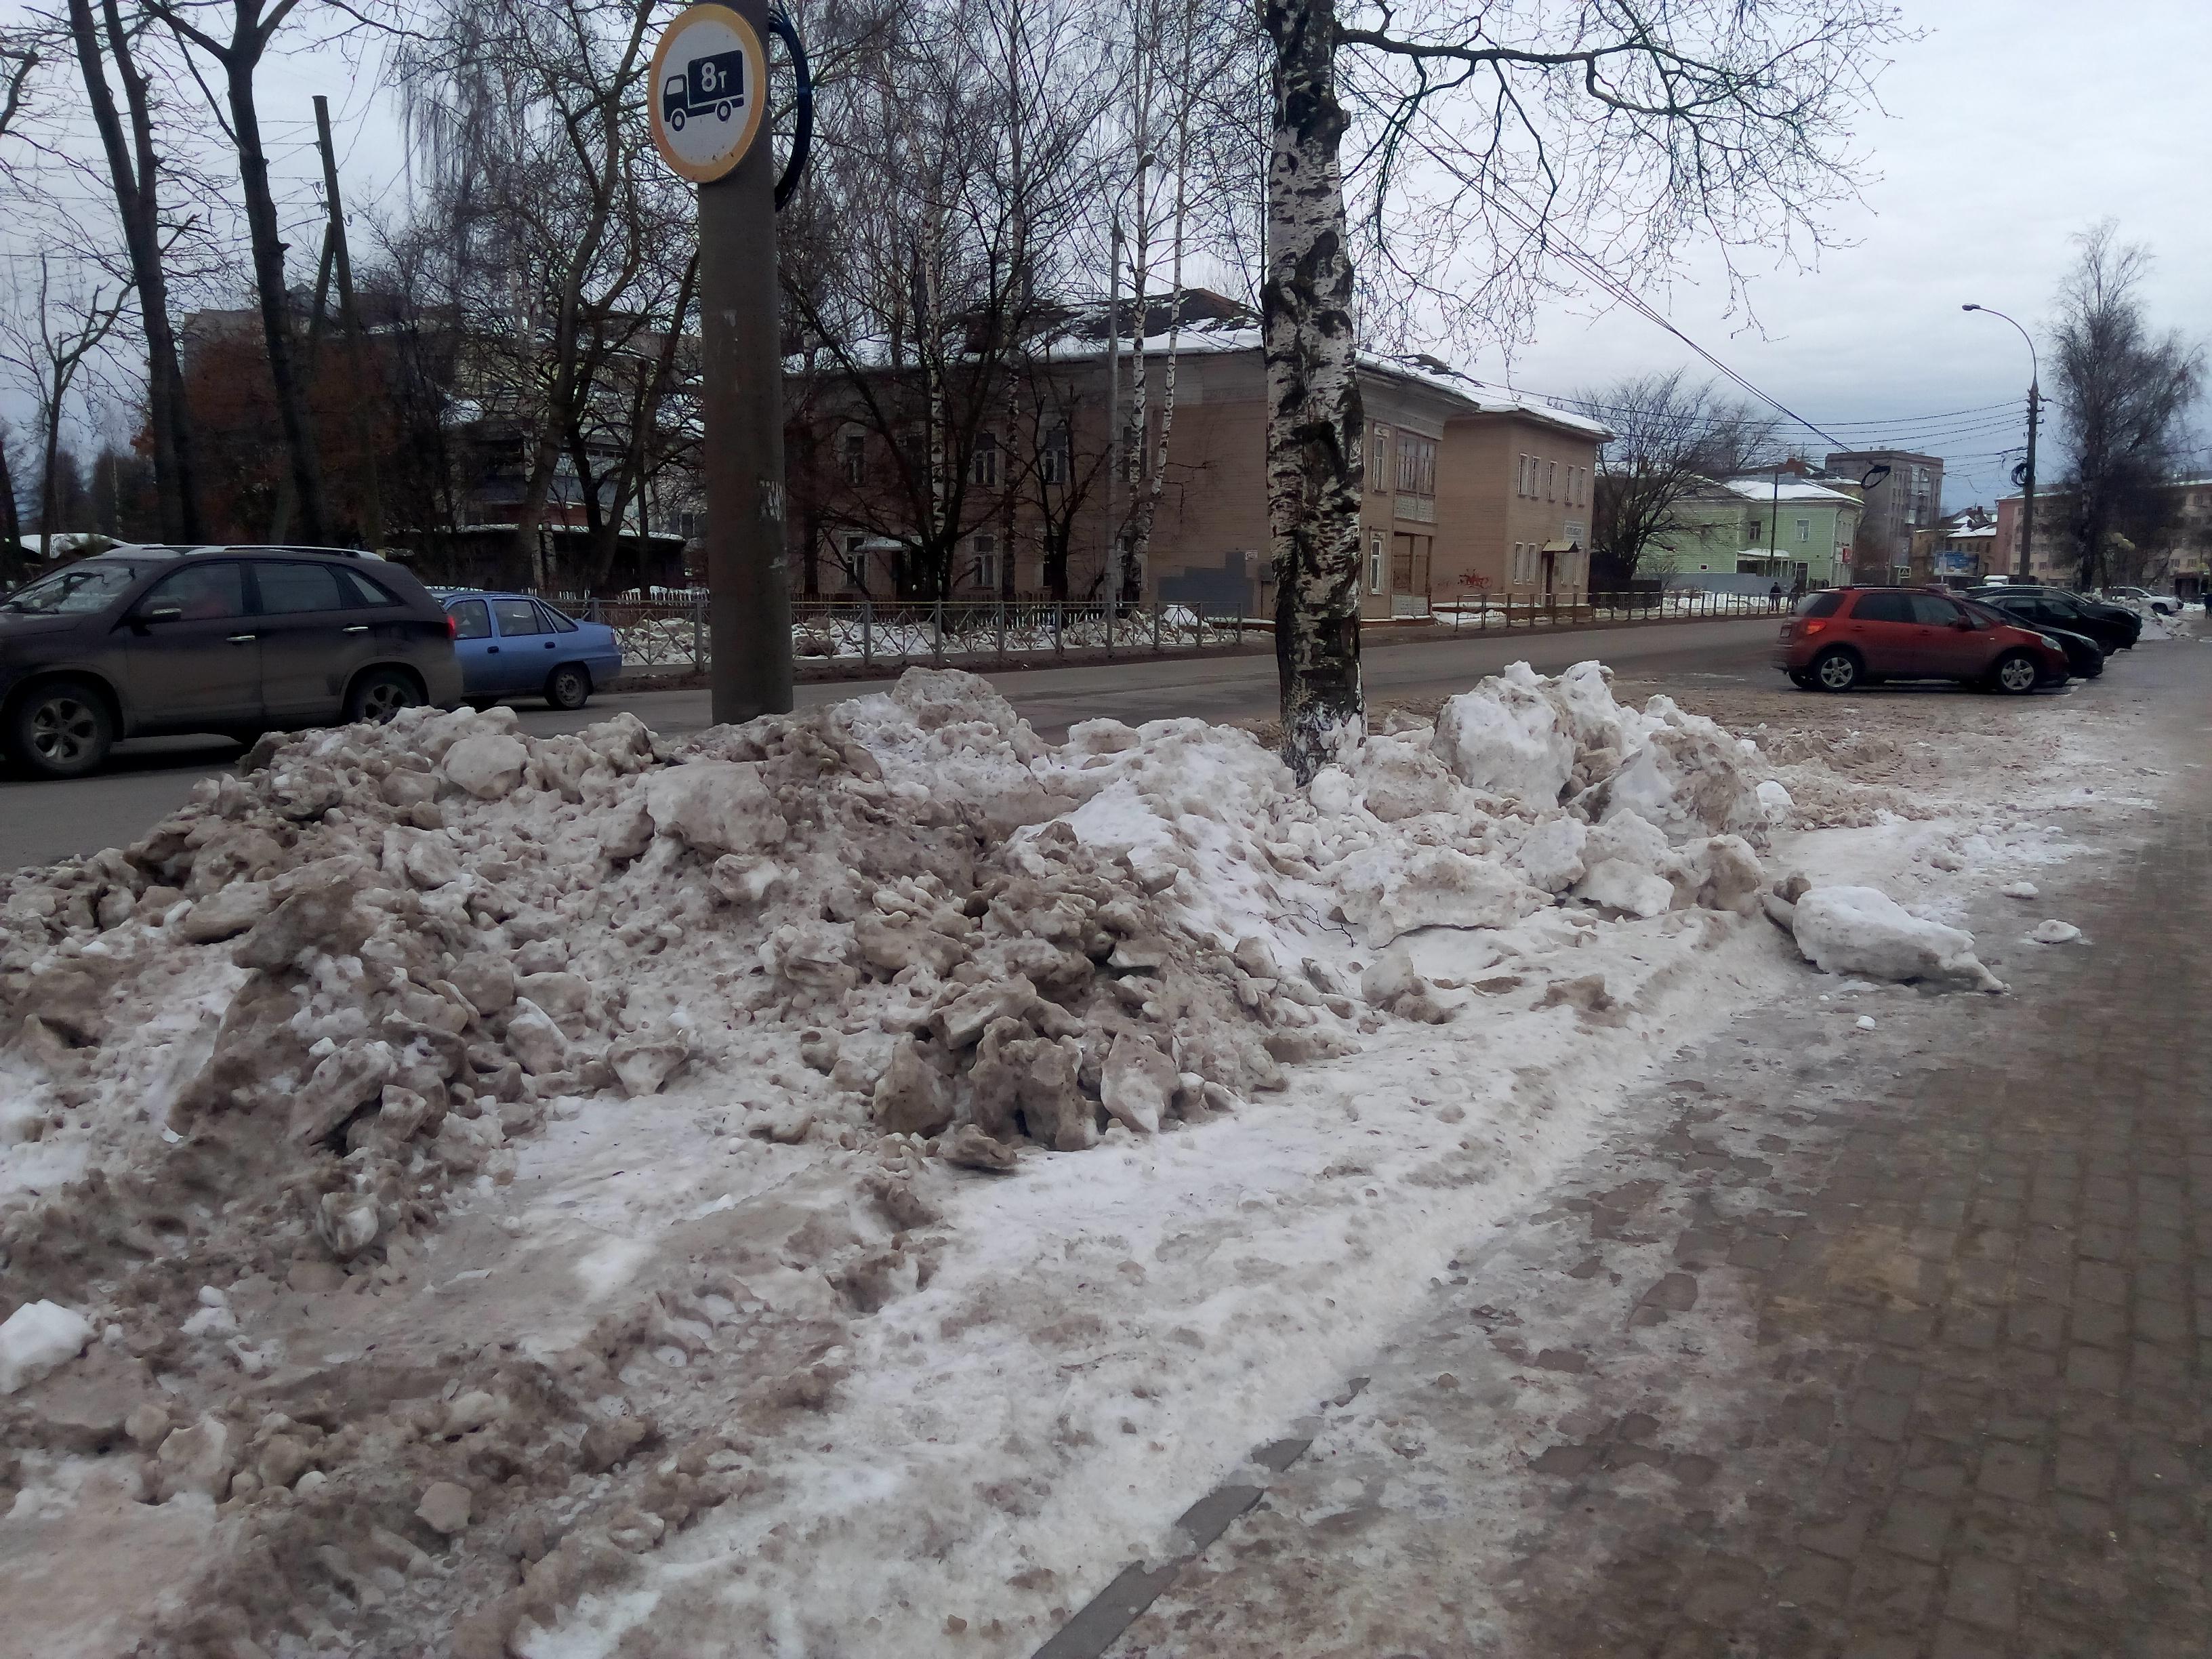 Само не тает: жителям Вологды приходится расчищать дворы от снега трактором за свой счет